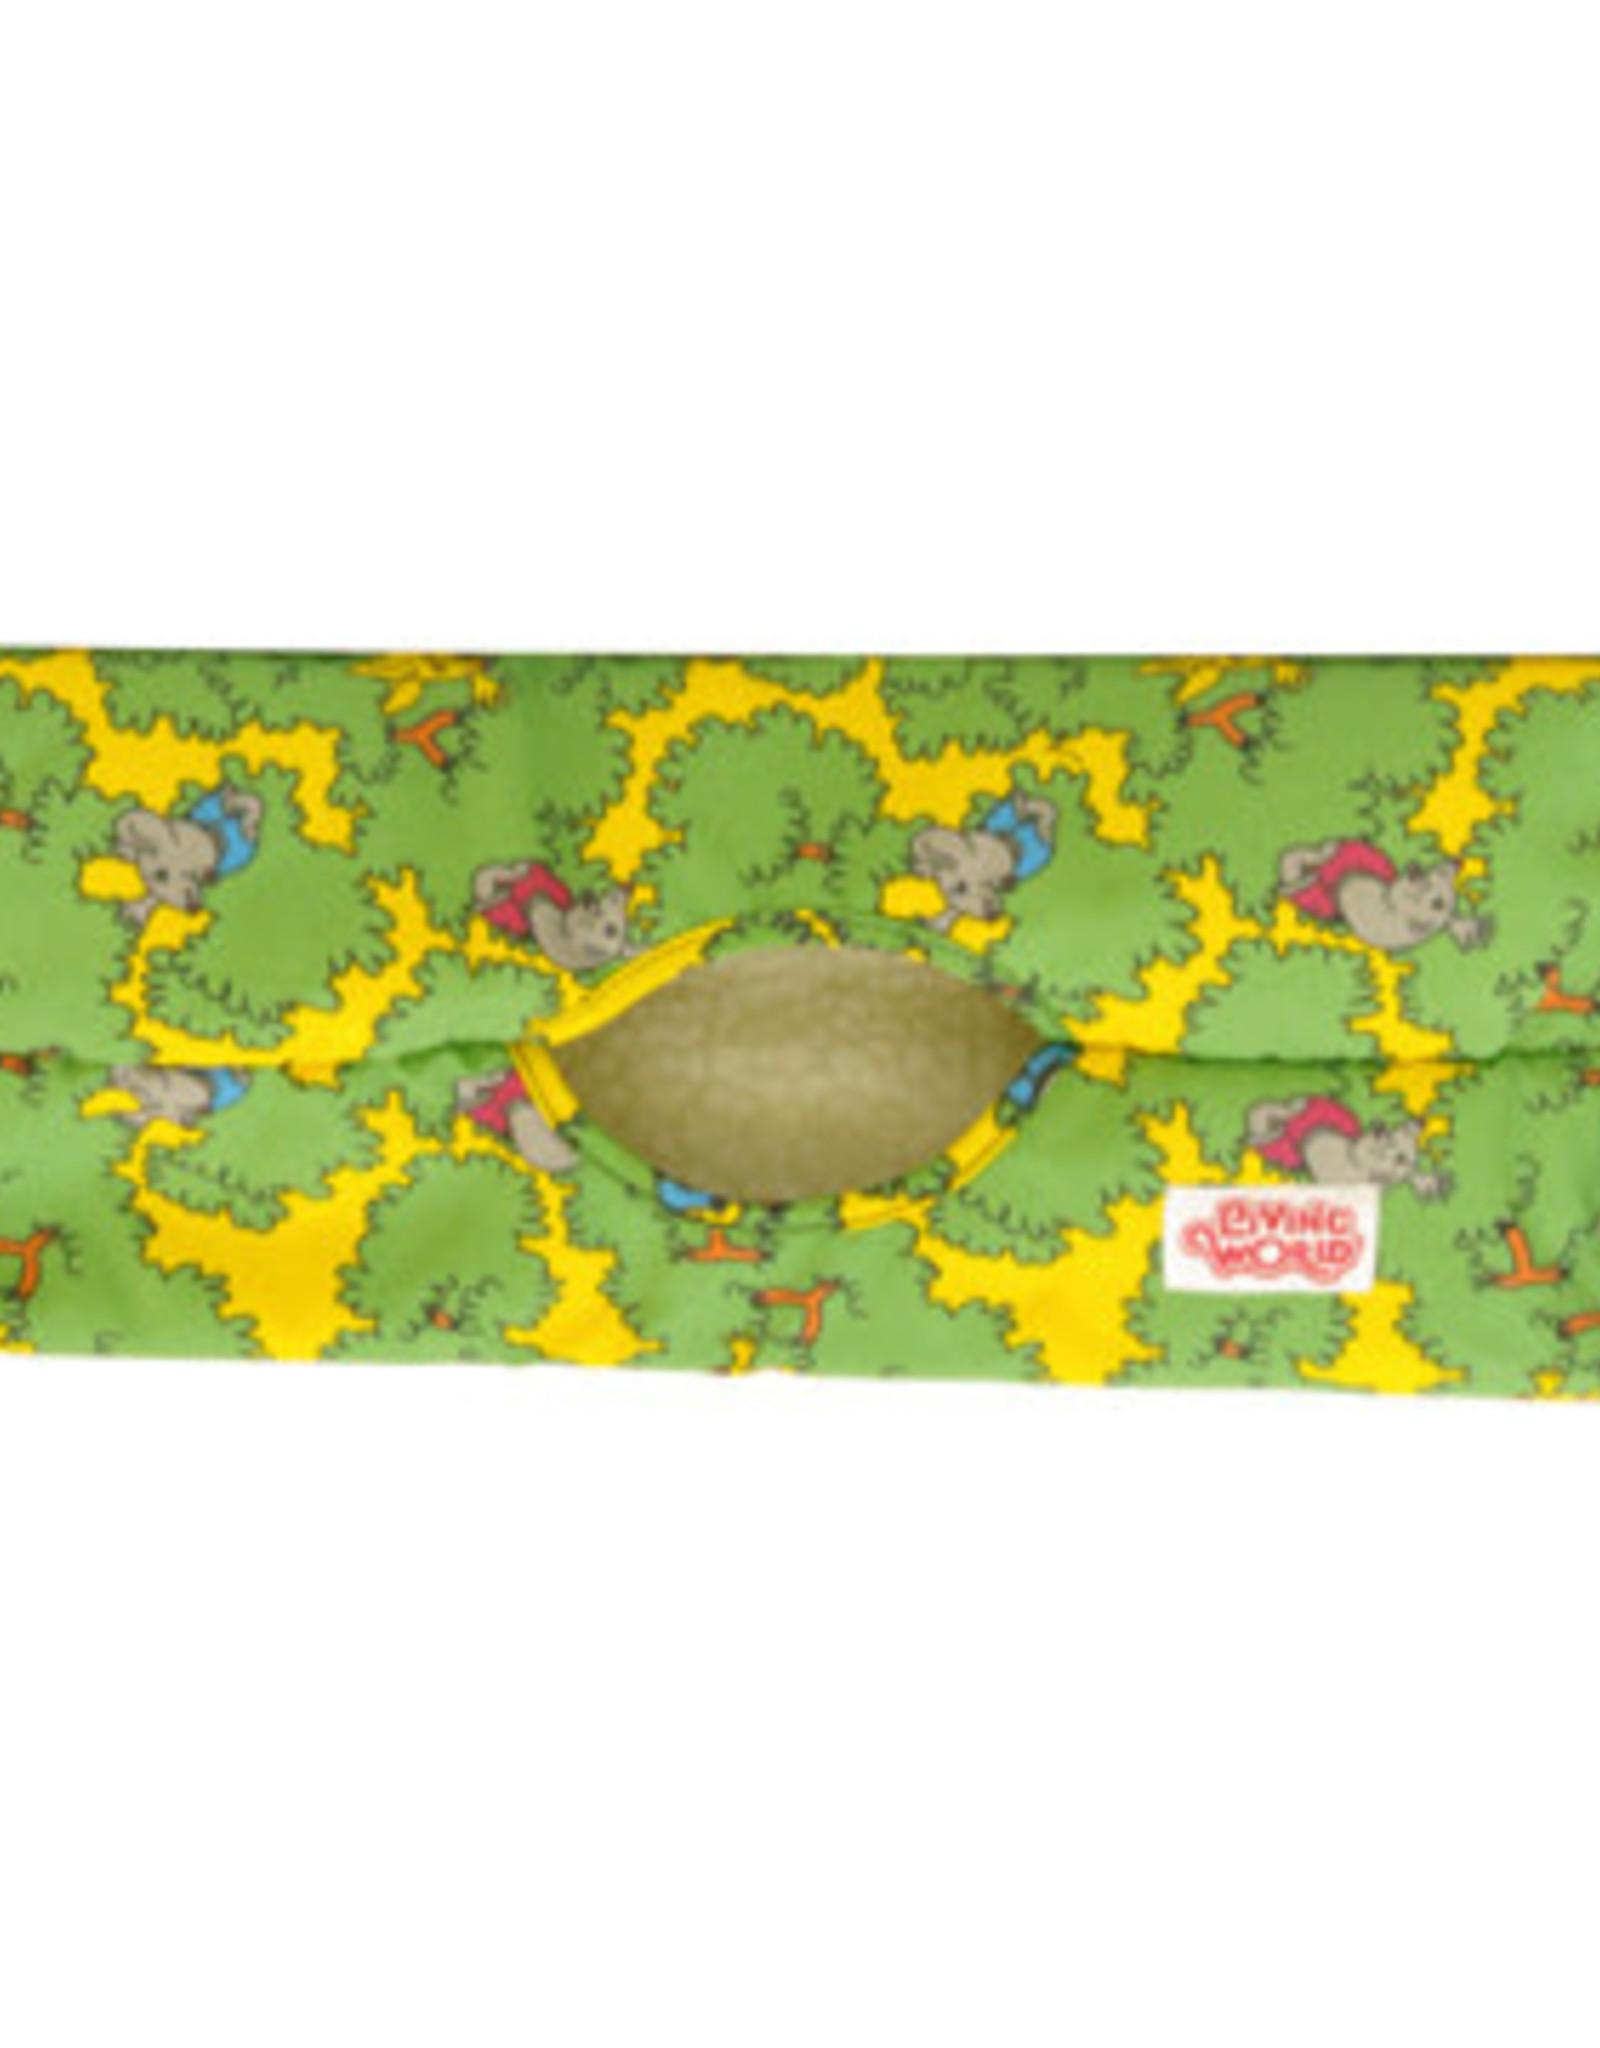 LIVING WORLD Living World Ferret Play Tube - Green - 39 cm x 17.5 cm (15 x 7 in)